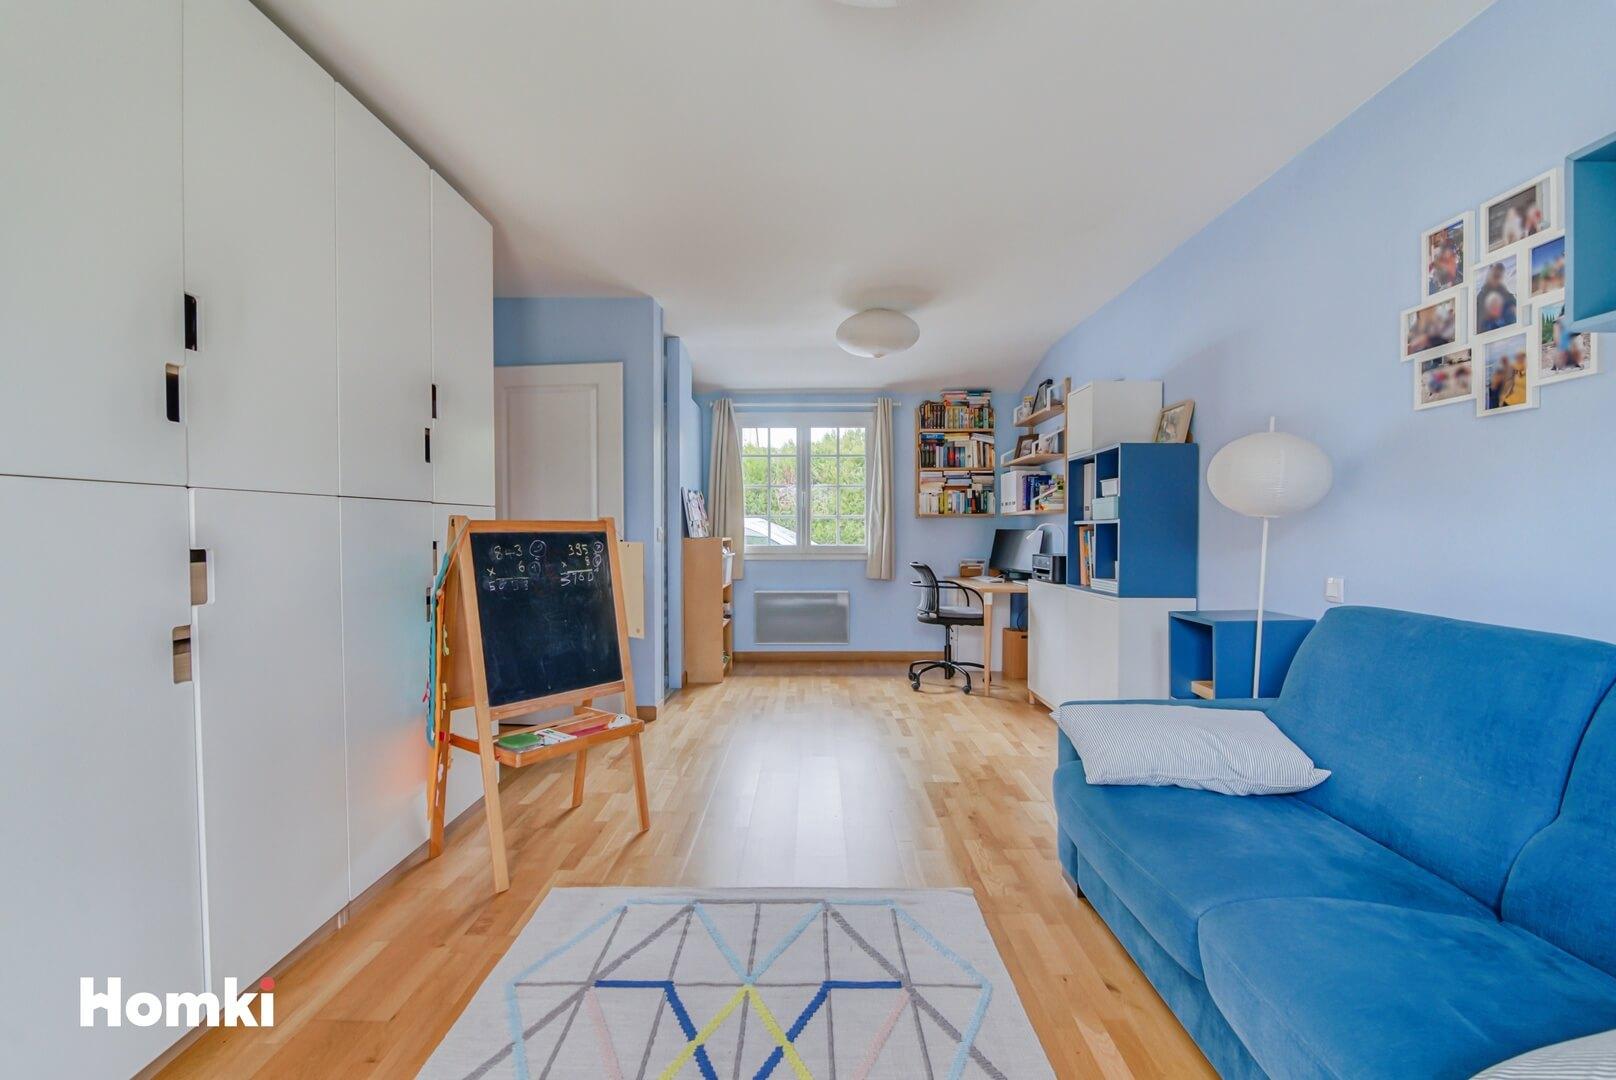 Homki - Vente Maison/villa  de 132.0 m² à Meyzieu 69330